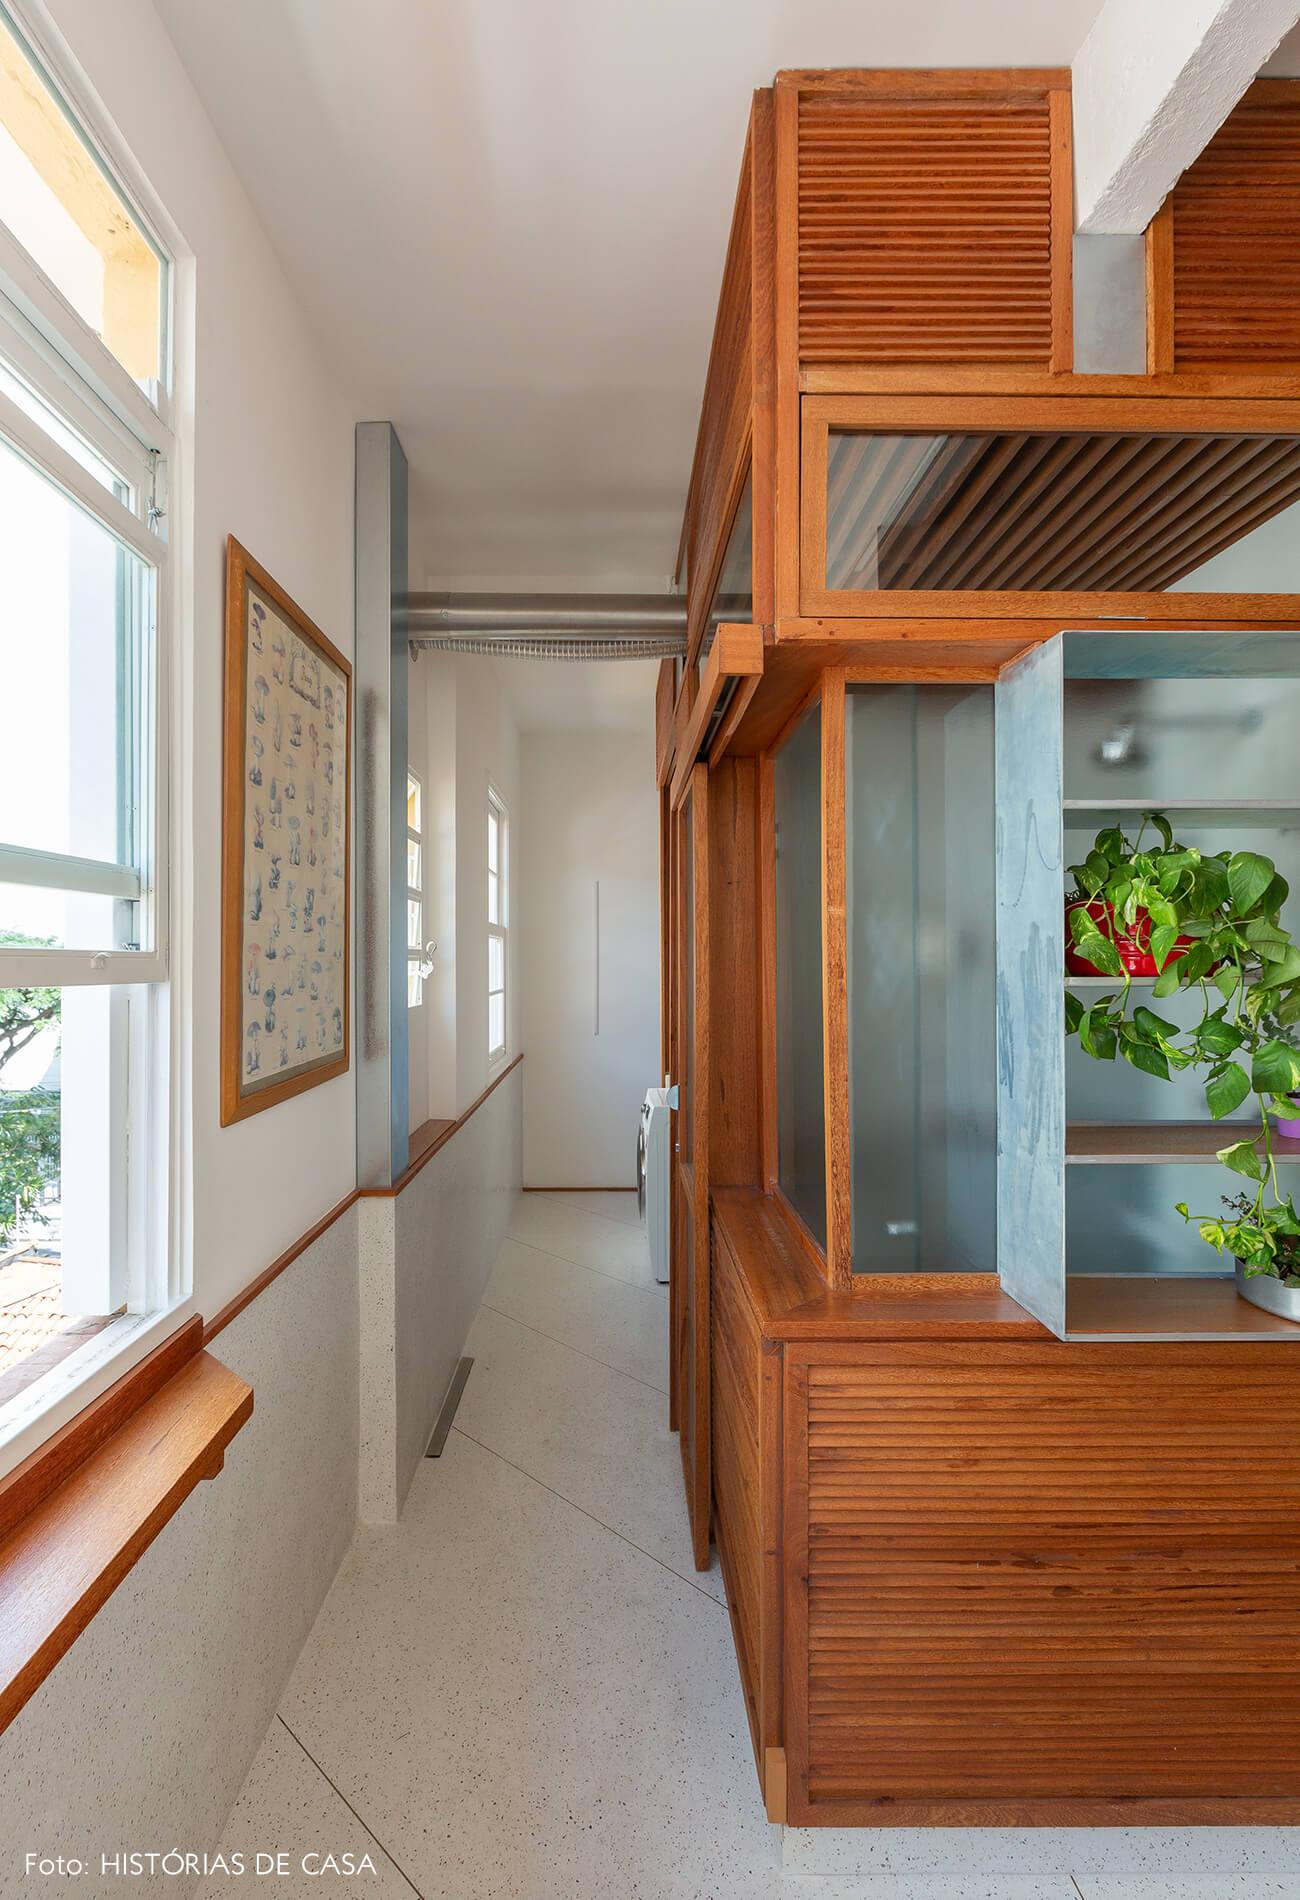 Cozinha integrada com estrutura de madeira ripada